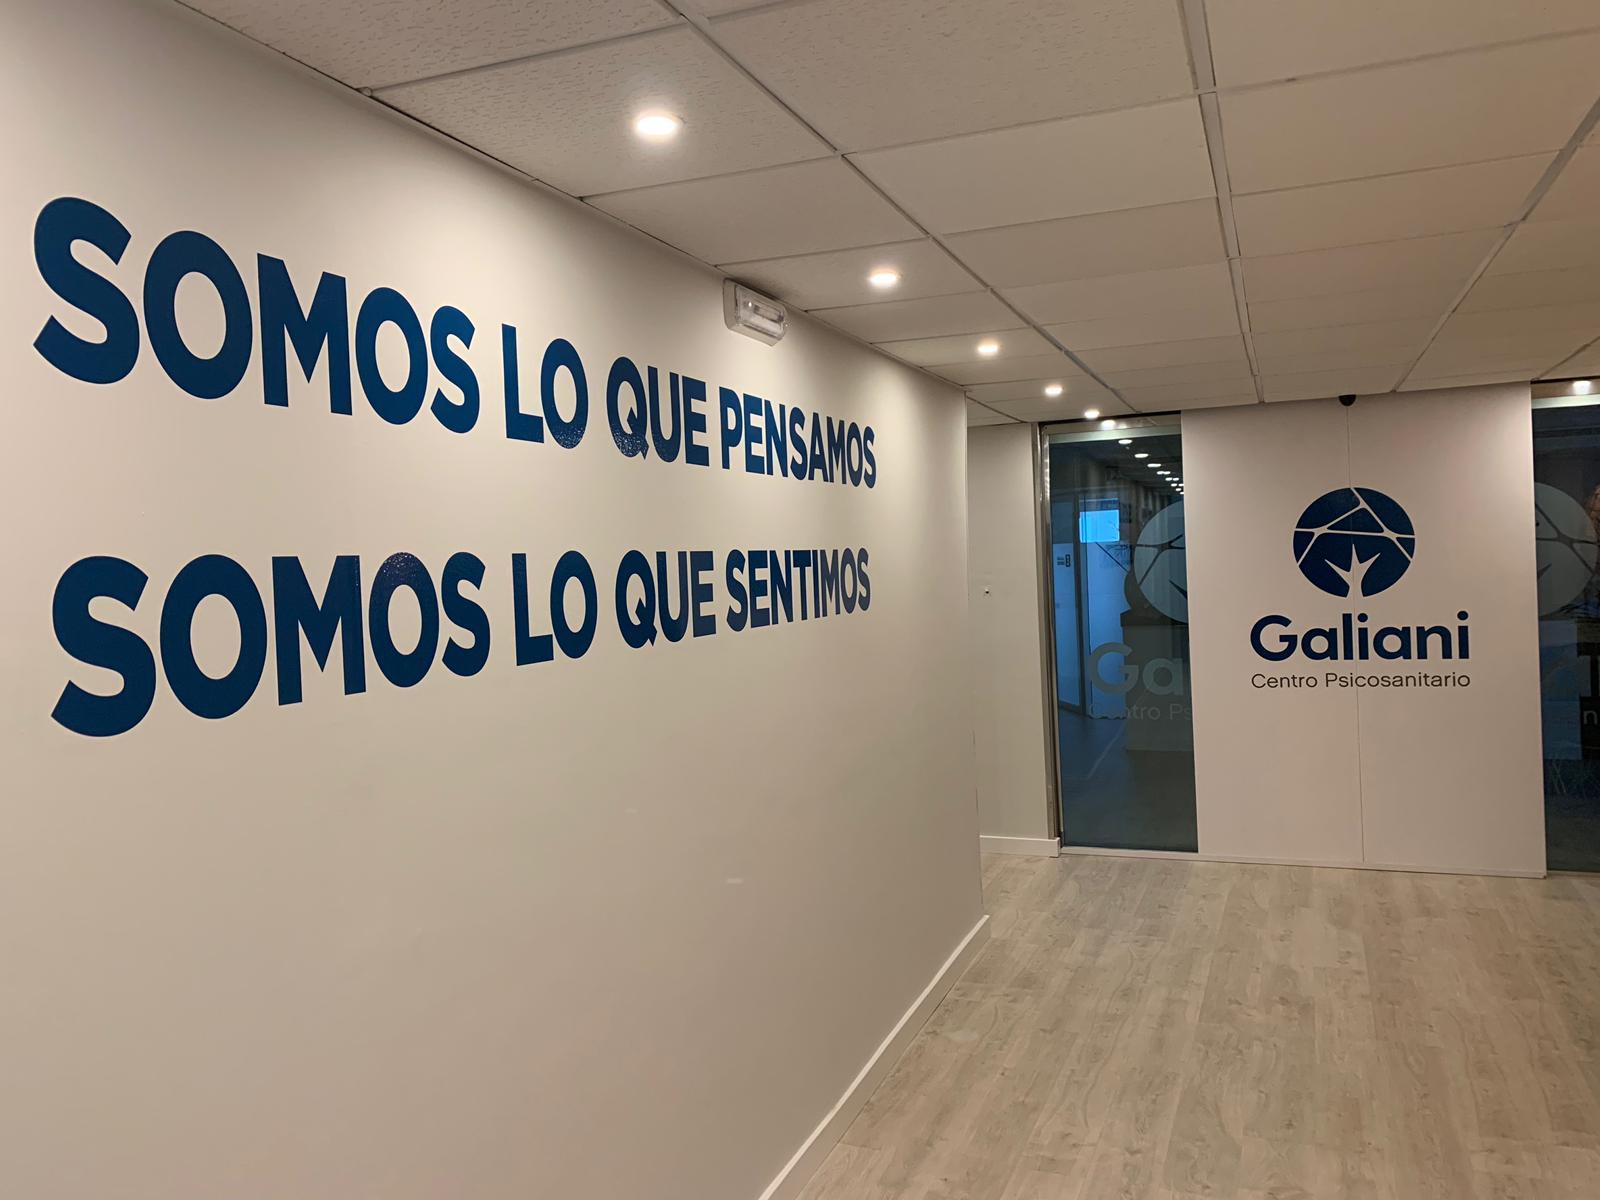 Centro Psicosanitario Galiani